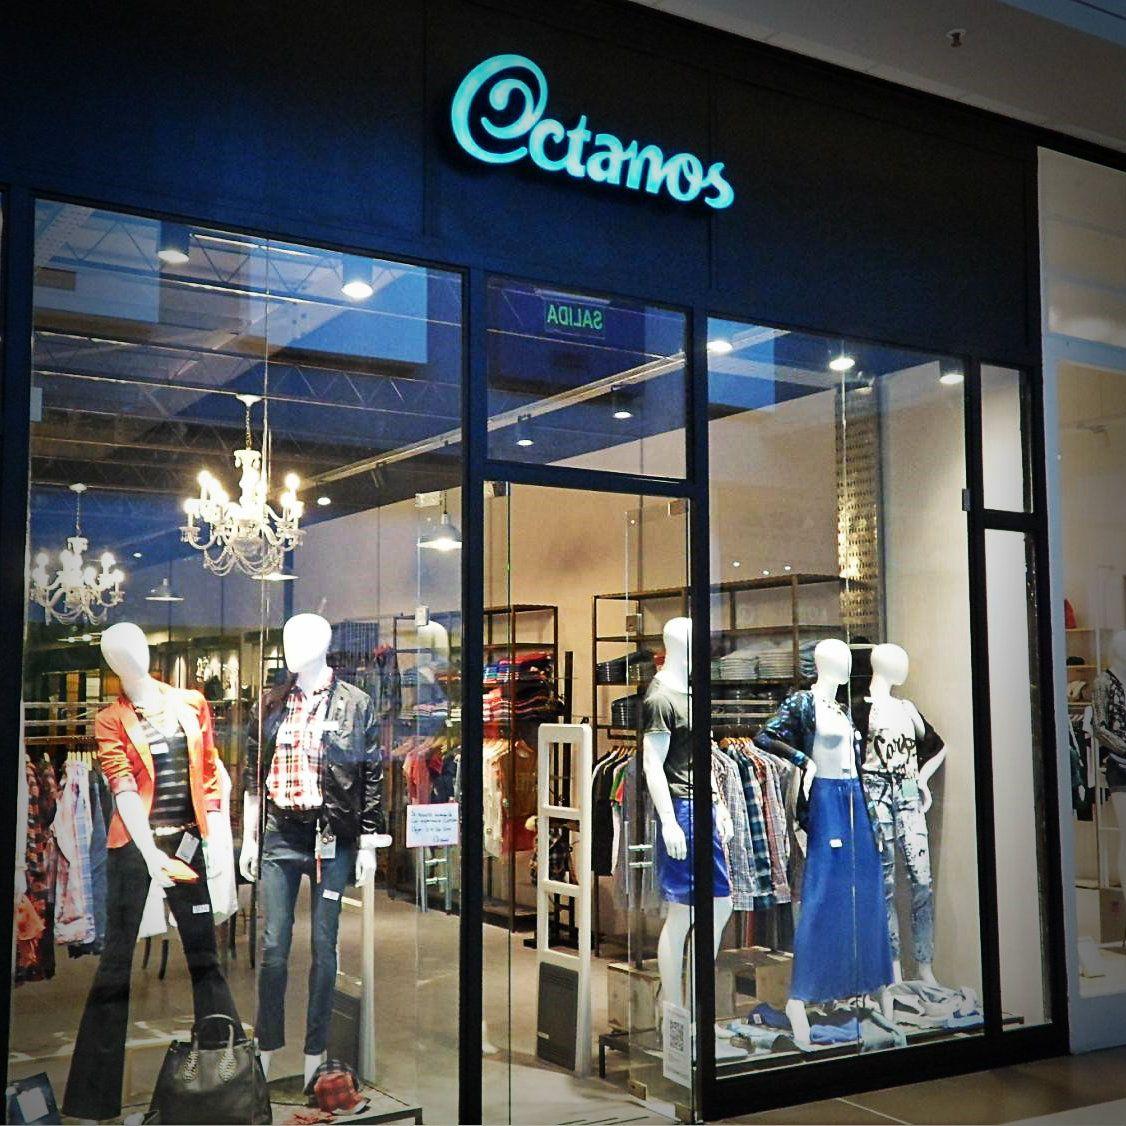 Les Presentamos El Nuevo Local De Octanos En Terrazasdemayo Shopping Locales Terrazas Presentaciones